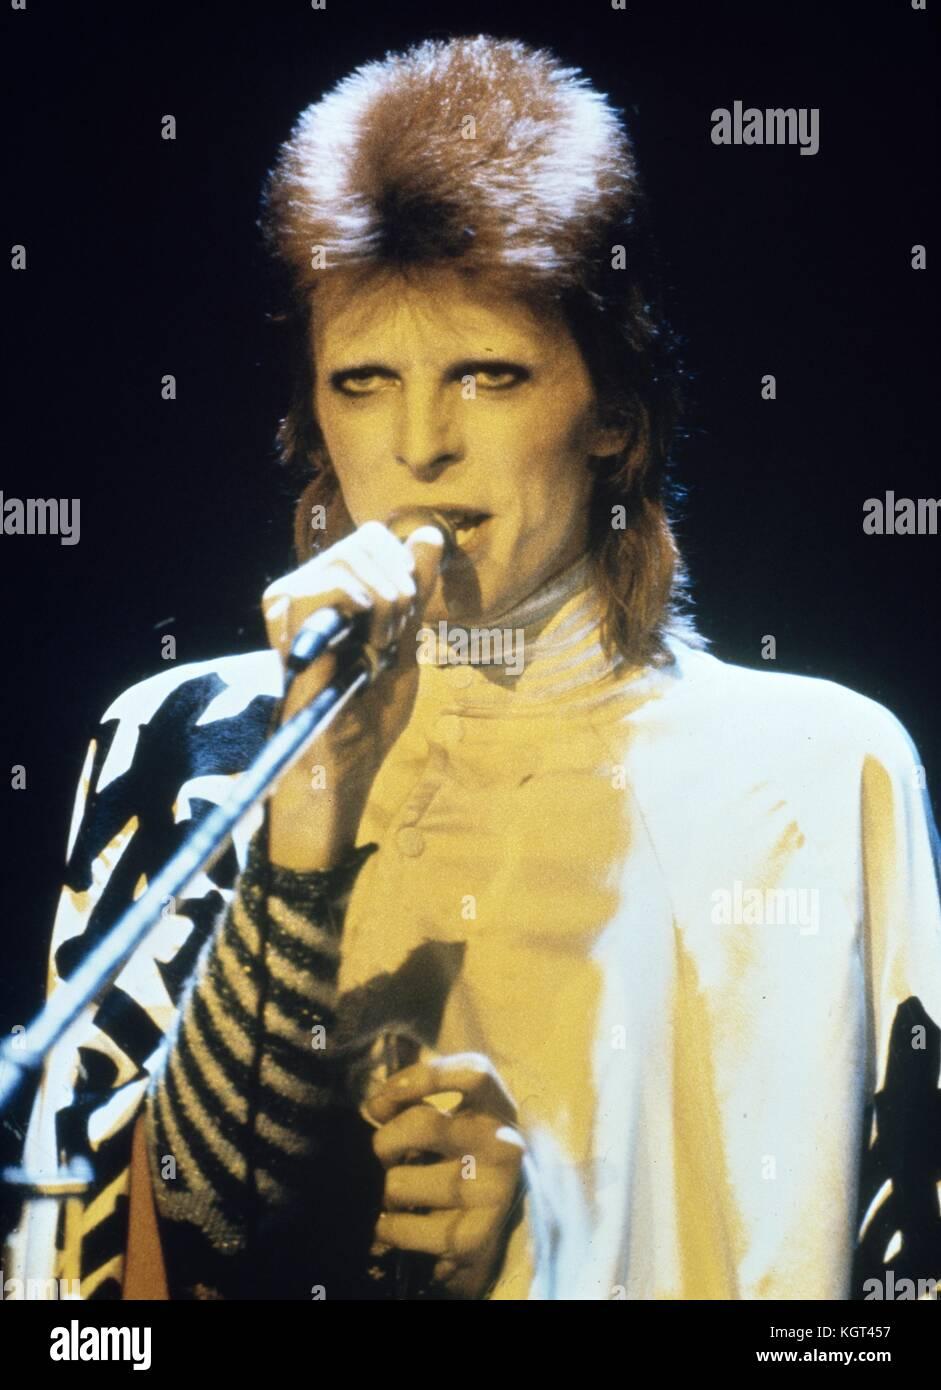 David Bowie Ziggy Stardust Stock Photos & David Bowie Ziggy Stardust ...